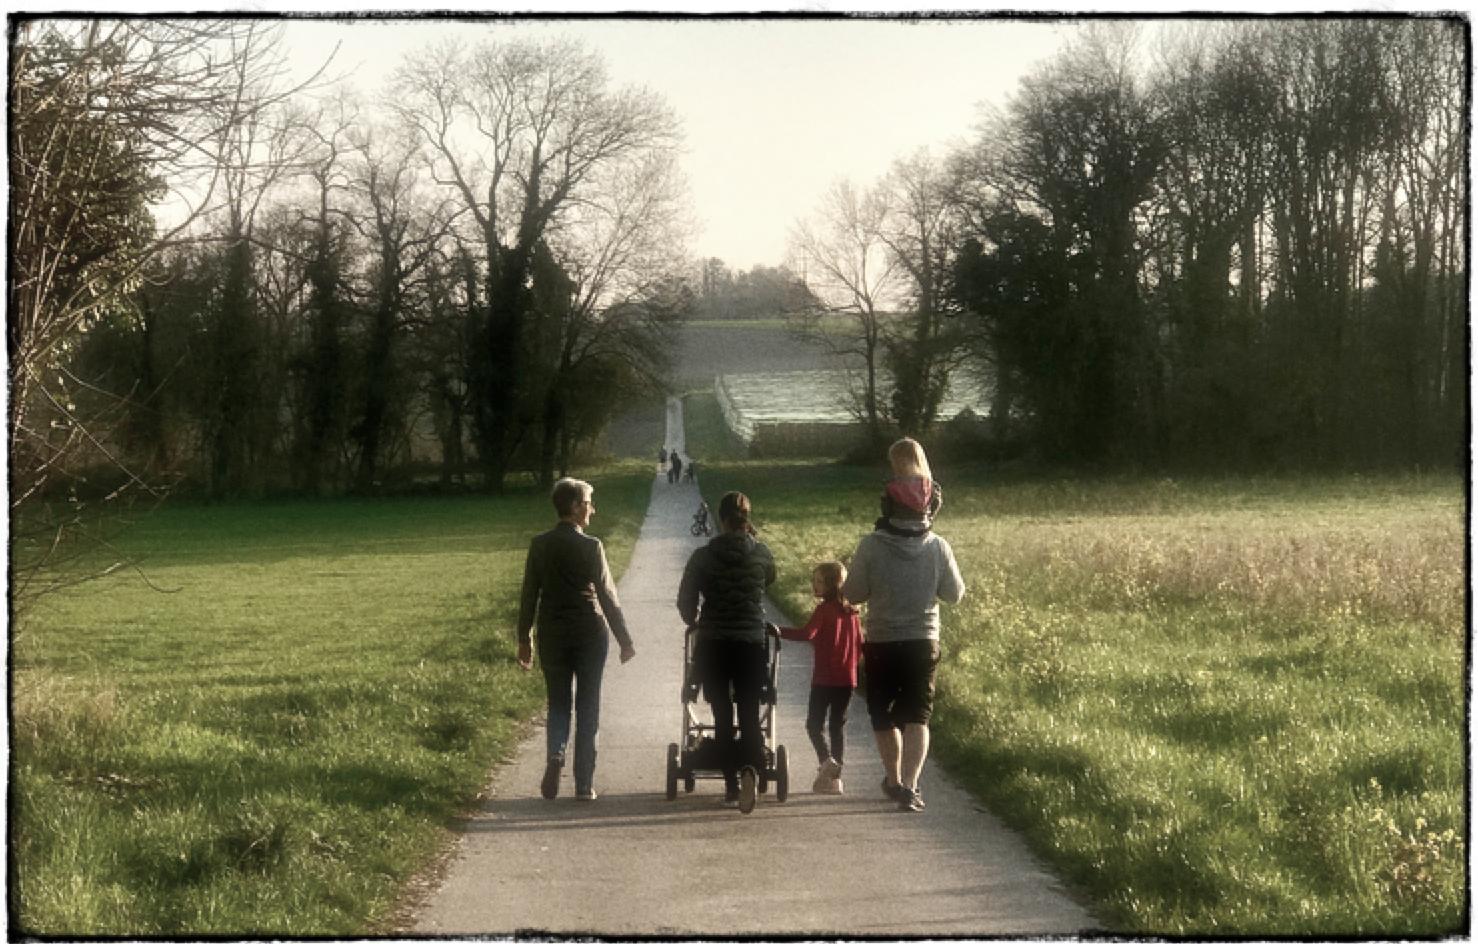 Familles en promenade. Vaud, printemps 2020. (c) Slobodan Despot